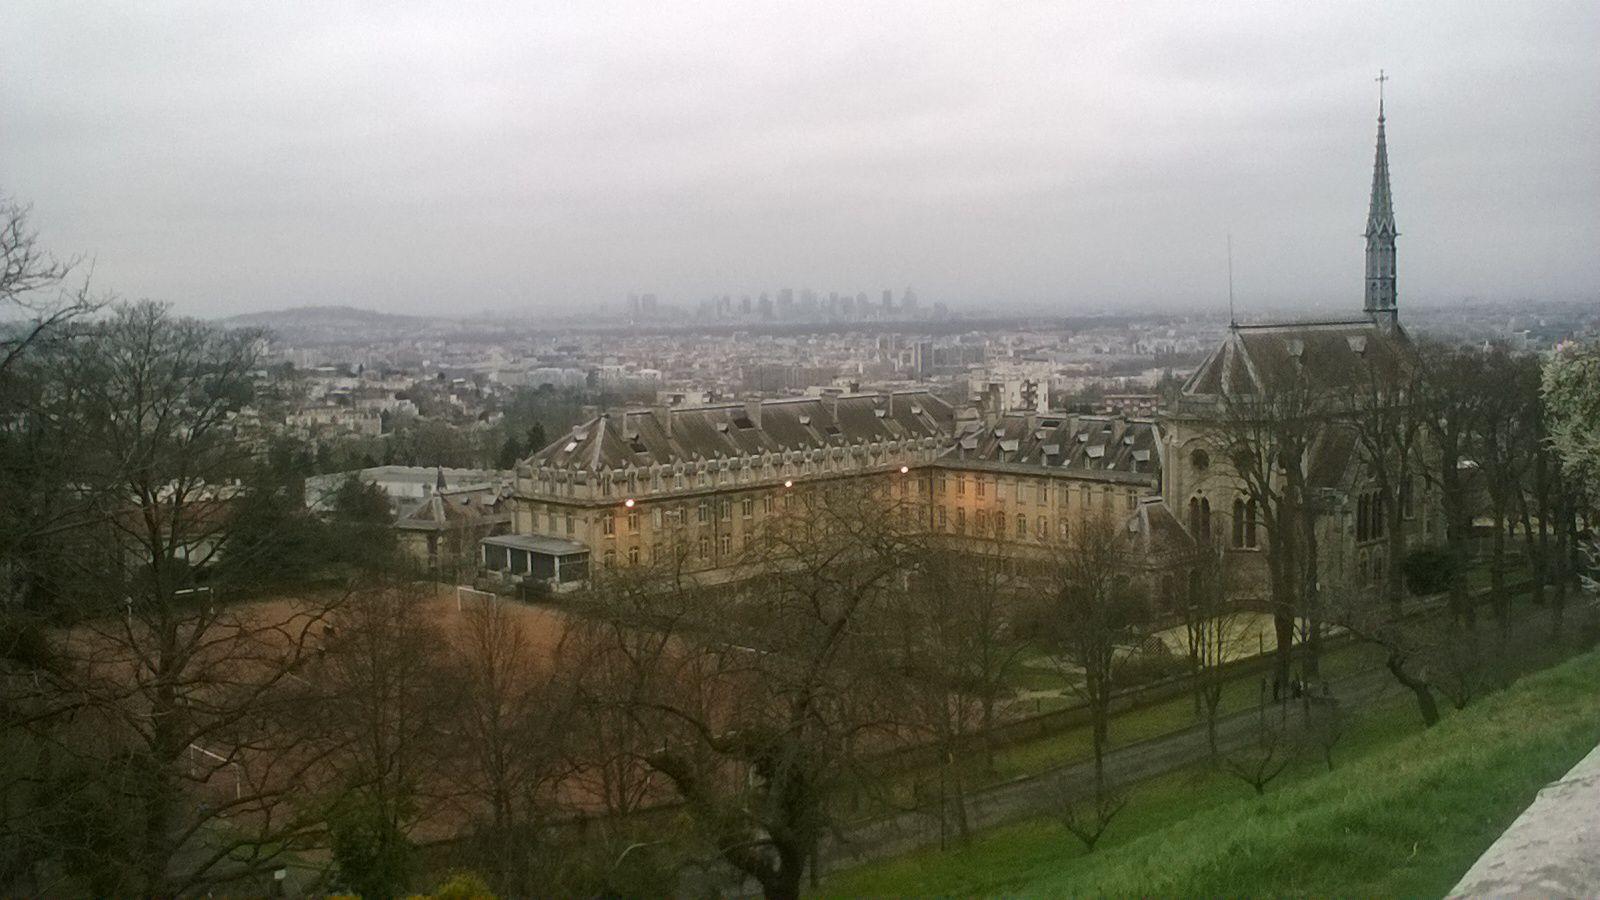 Ecotrail de Paris